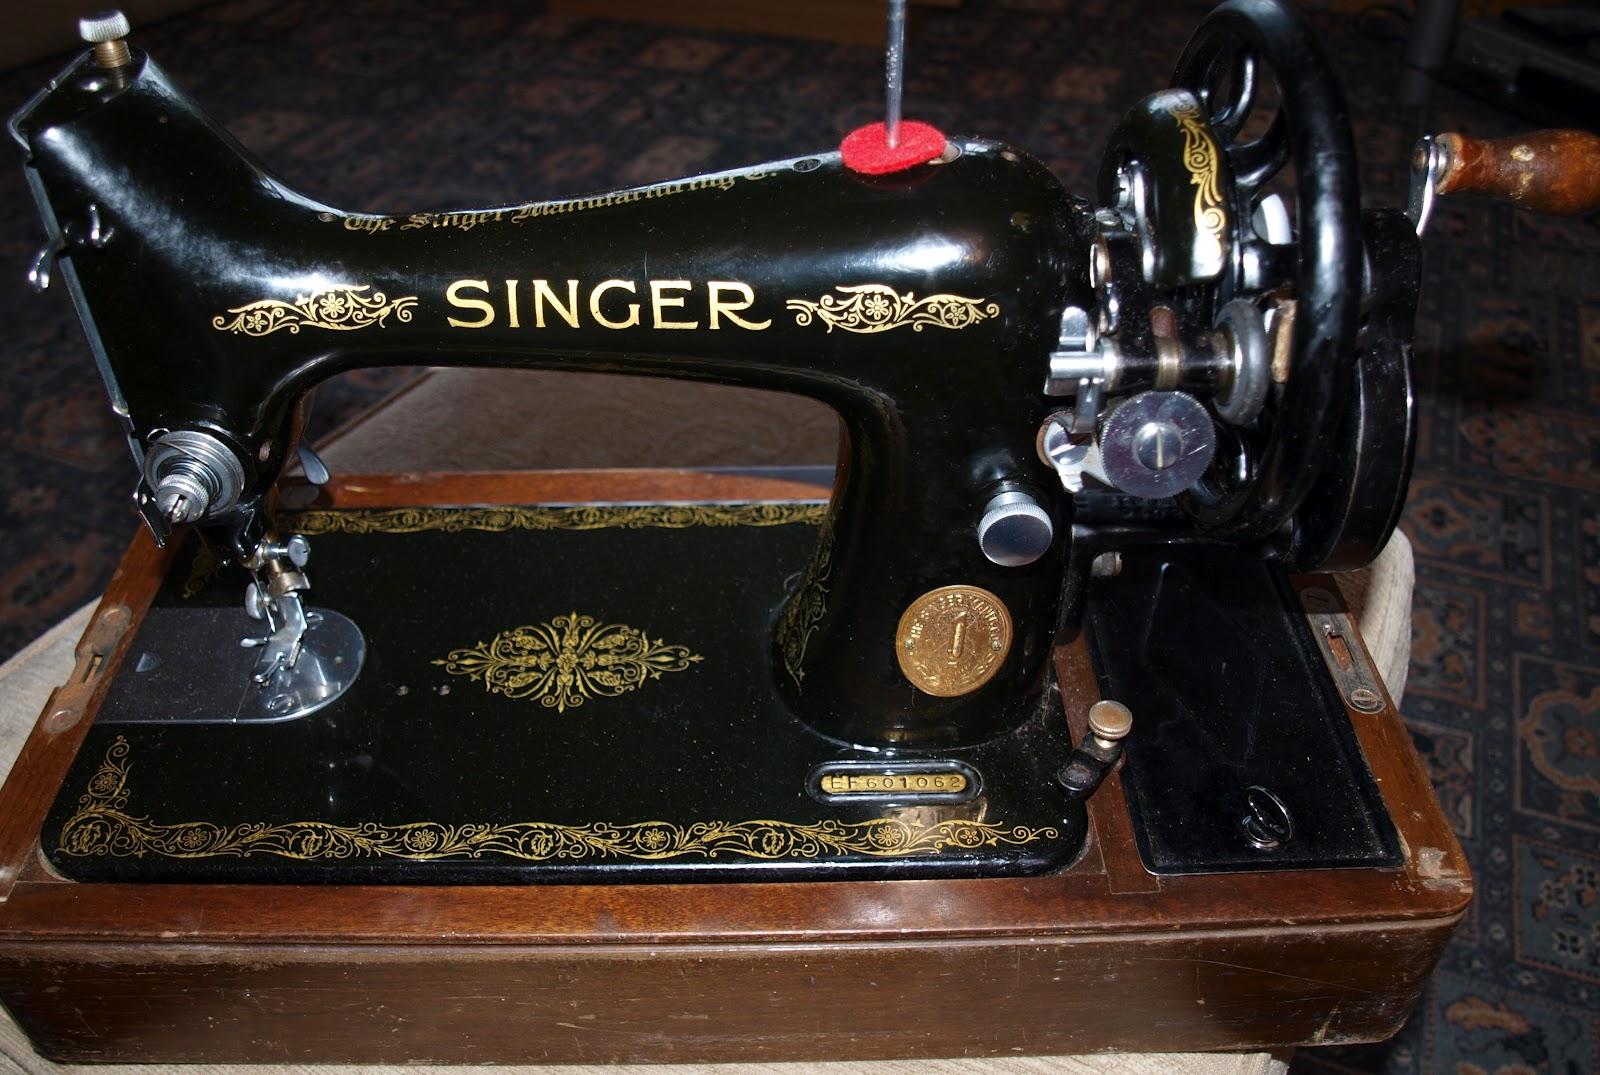 Singer repairs. Brother sewing machine repairs